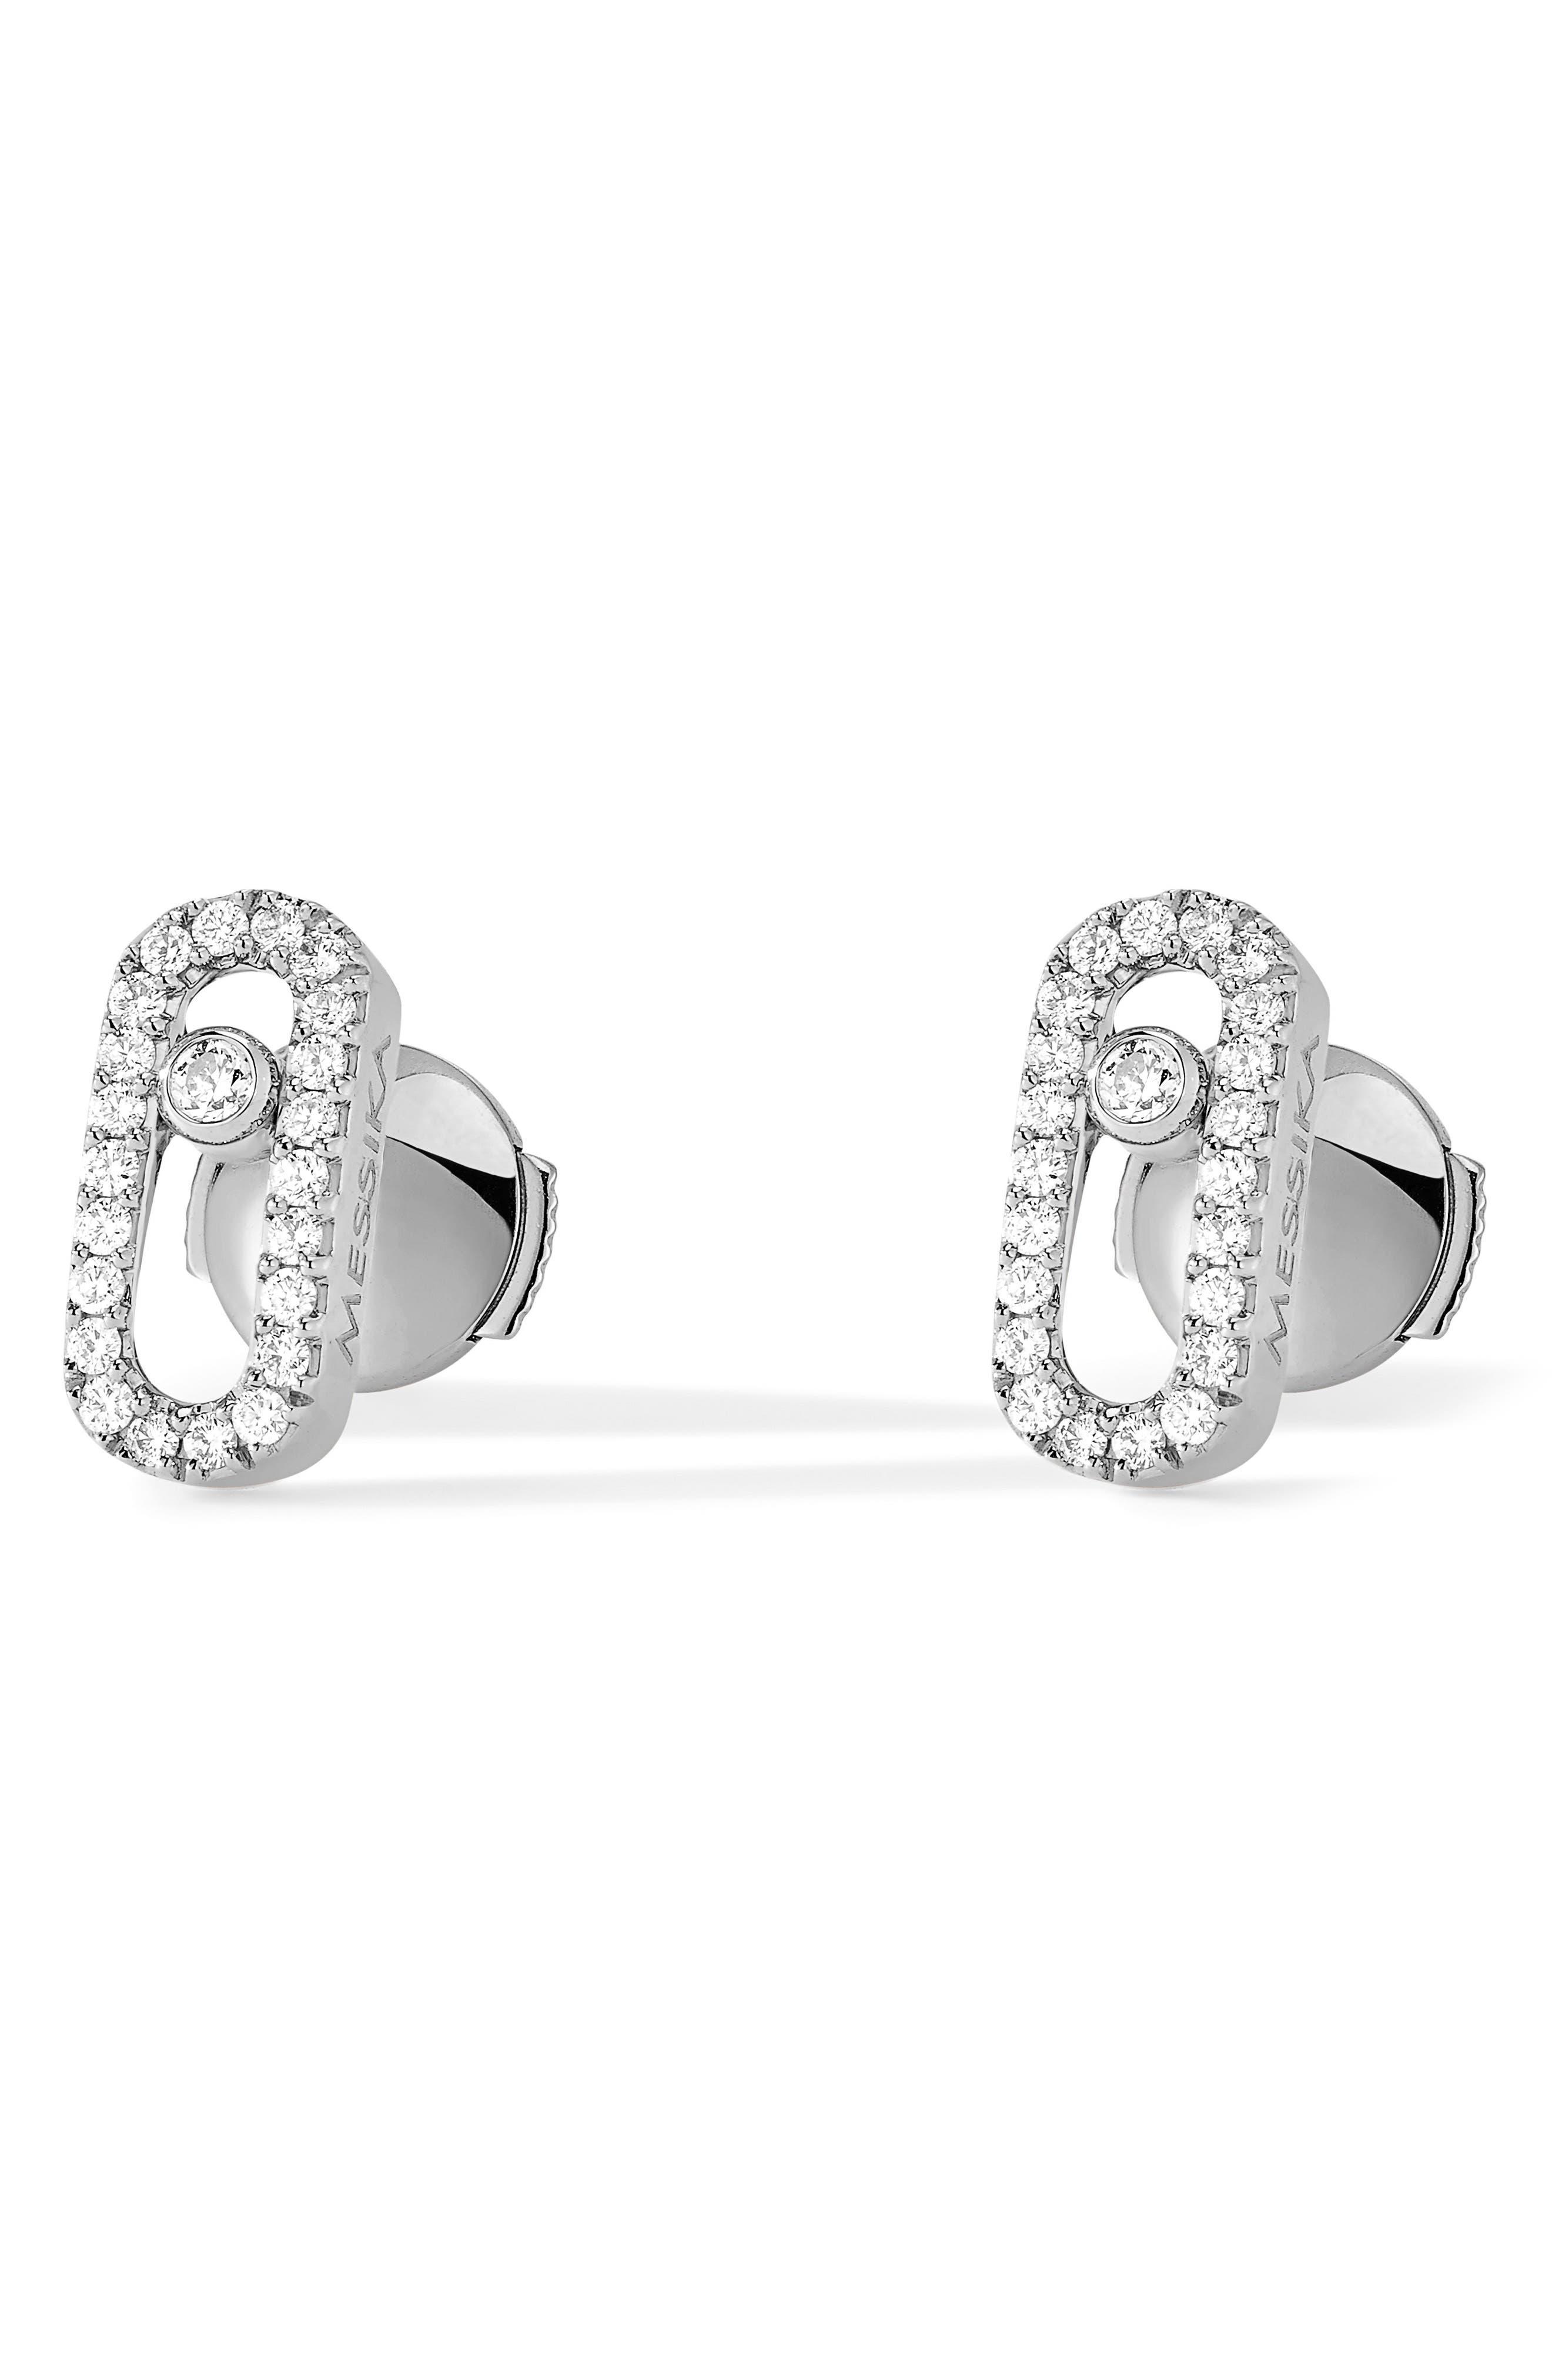 Main Image - Messika Move Uno Pavé Diamond Stud Earrings